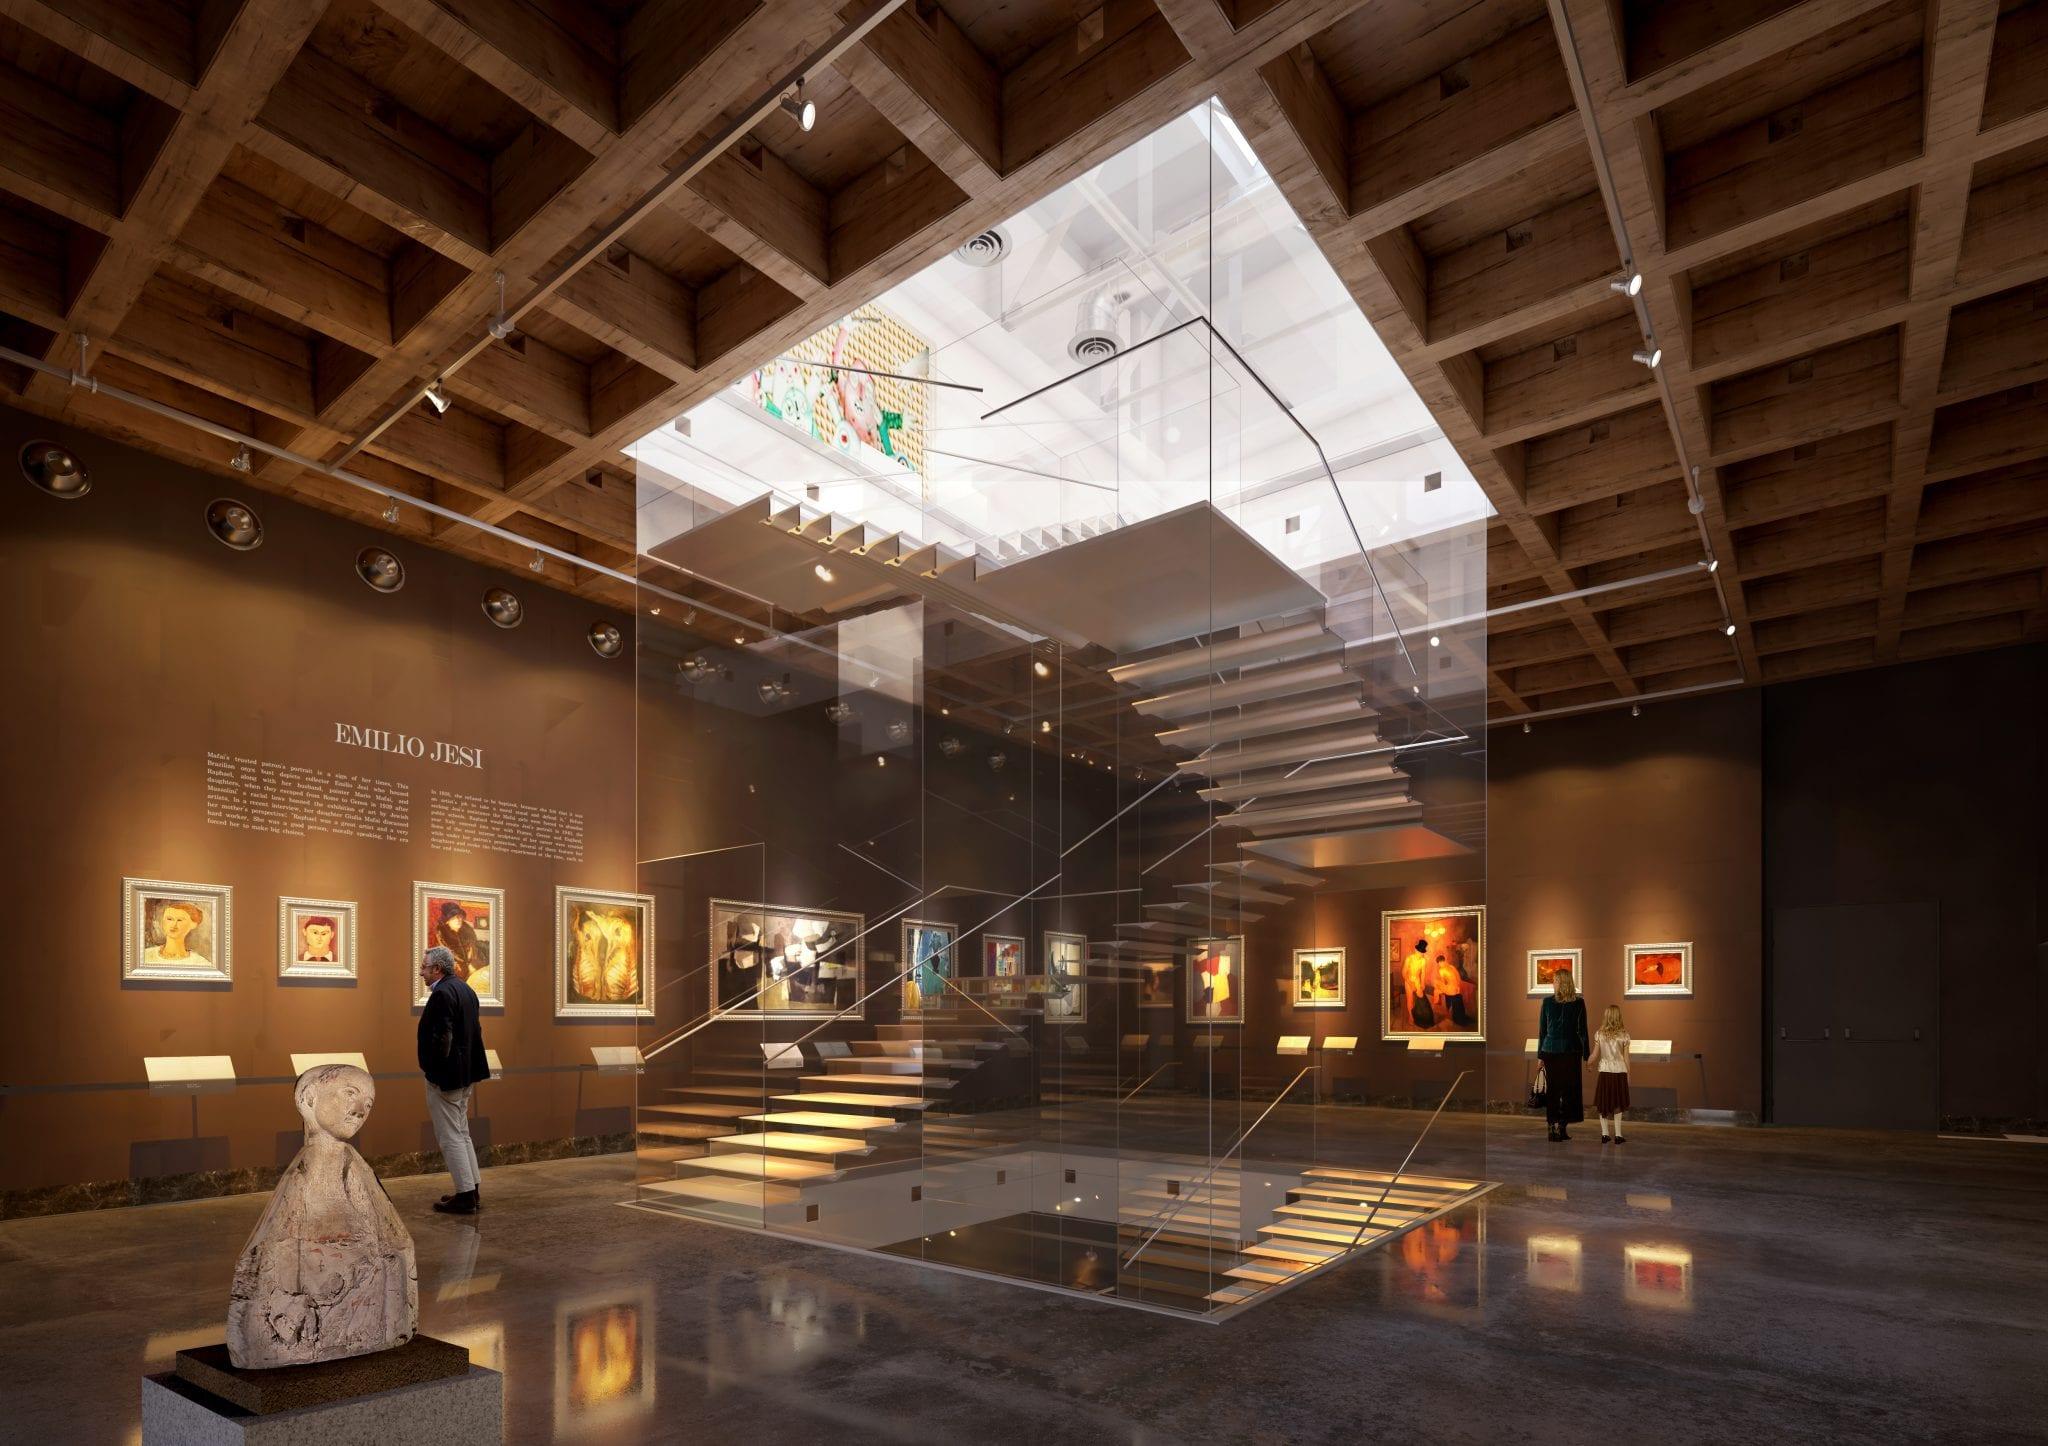 Brera Modern tra nuove collezioni e Palazzo Citterio: alla Pinacoteca arriva il '900 italiano